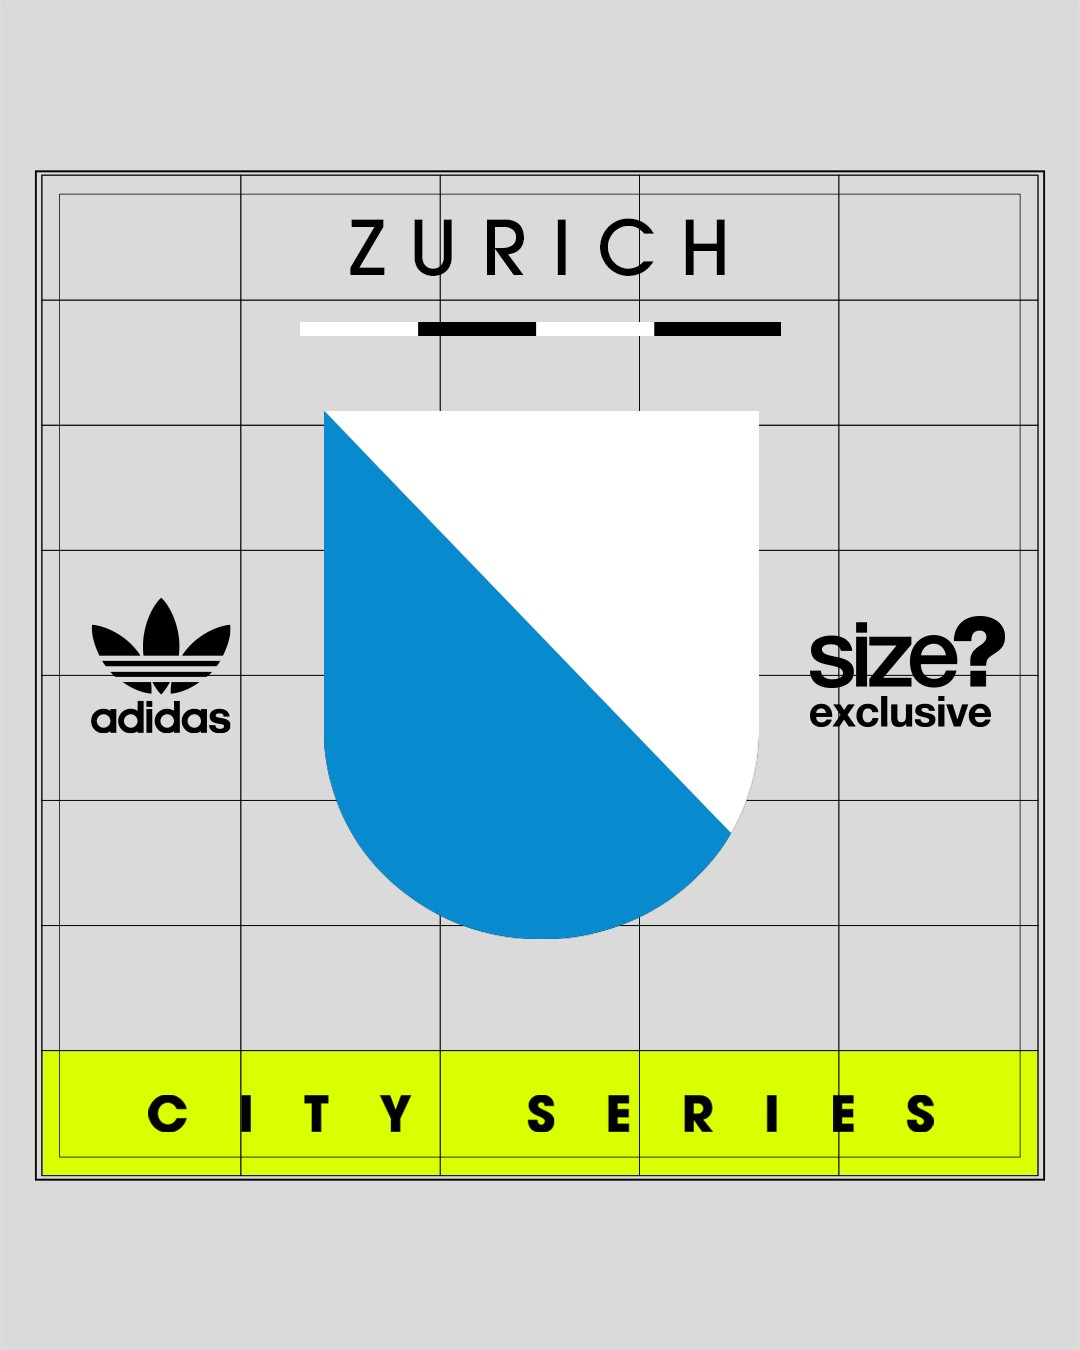 adidas Originals City Series – size? Exclusive Zurich OG